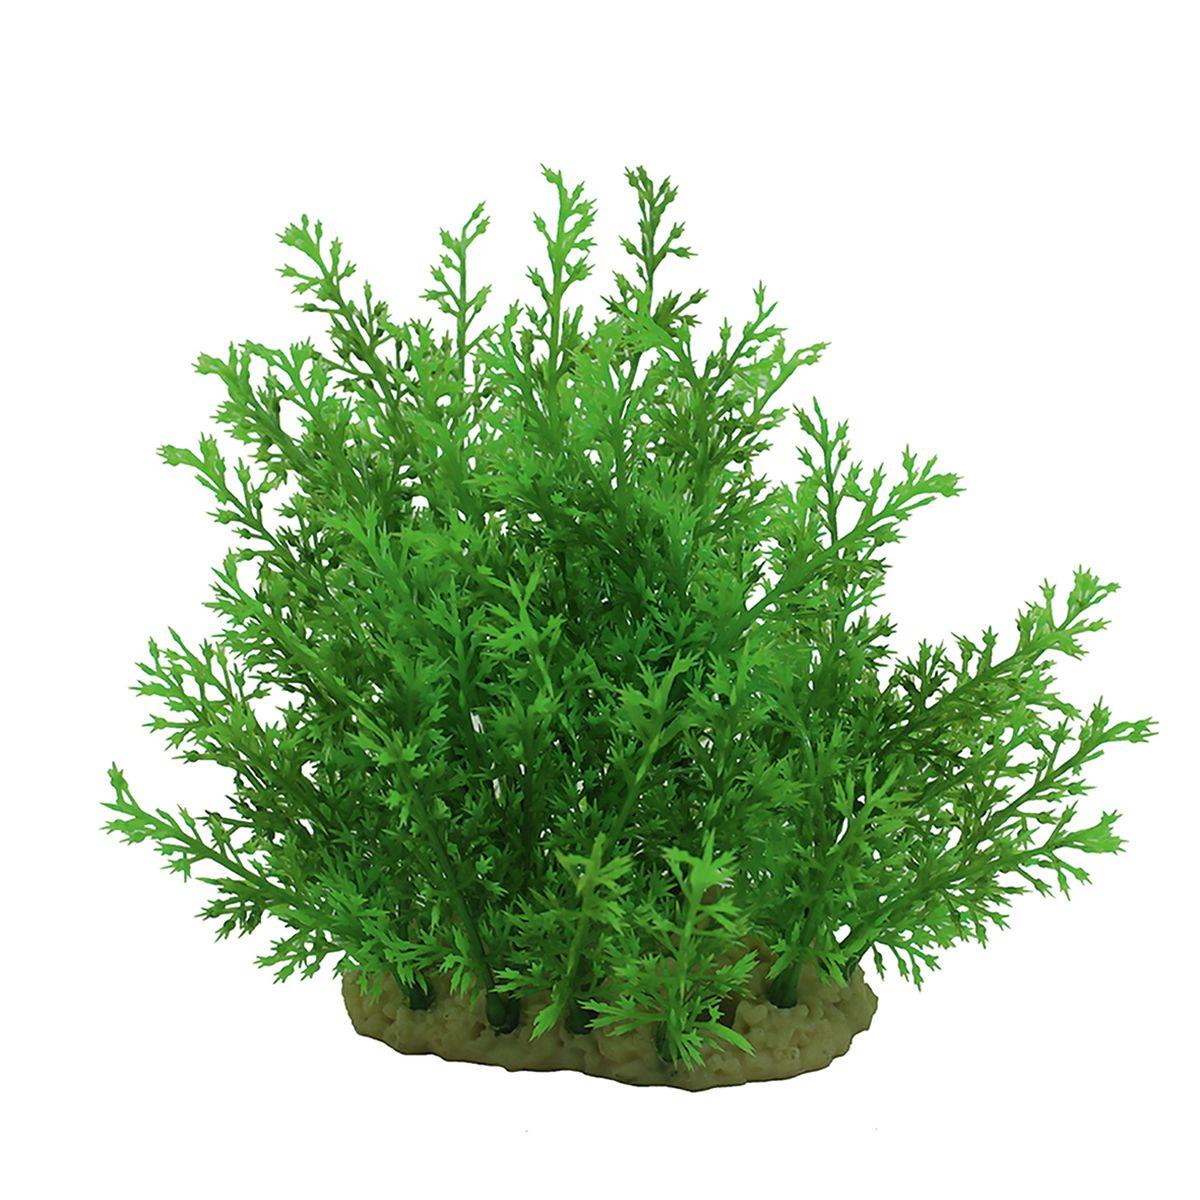 Растение для аквариума ArtUniq Папортник индийский, высота 15 смART-1140107Растение для аквариума ArtUniq Папортник индийский, высота 15 см